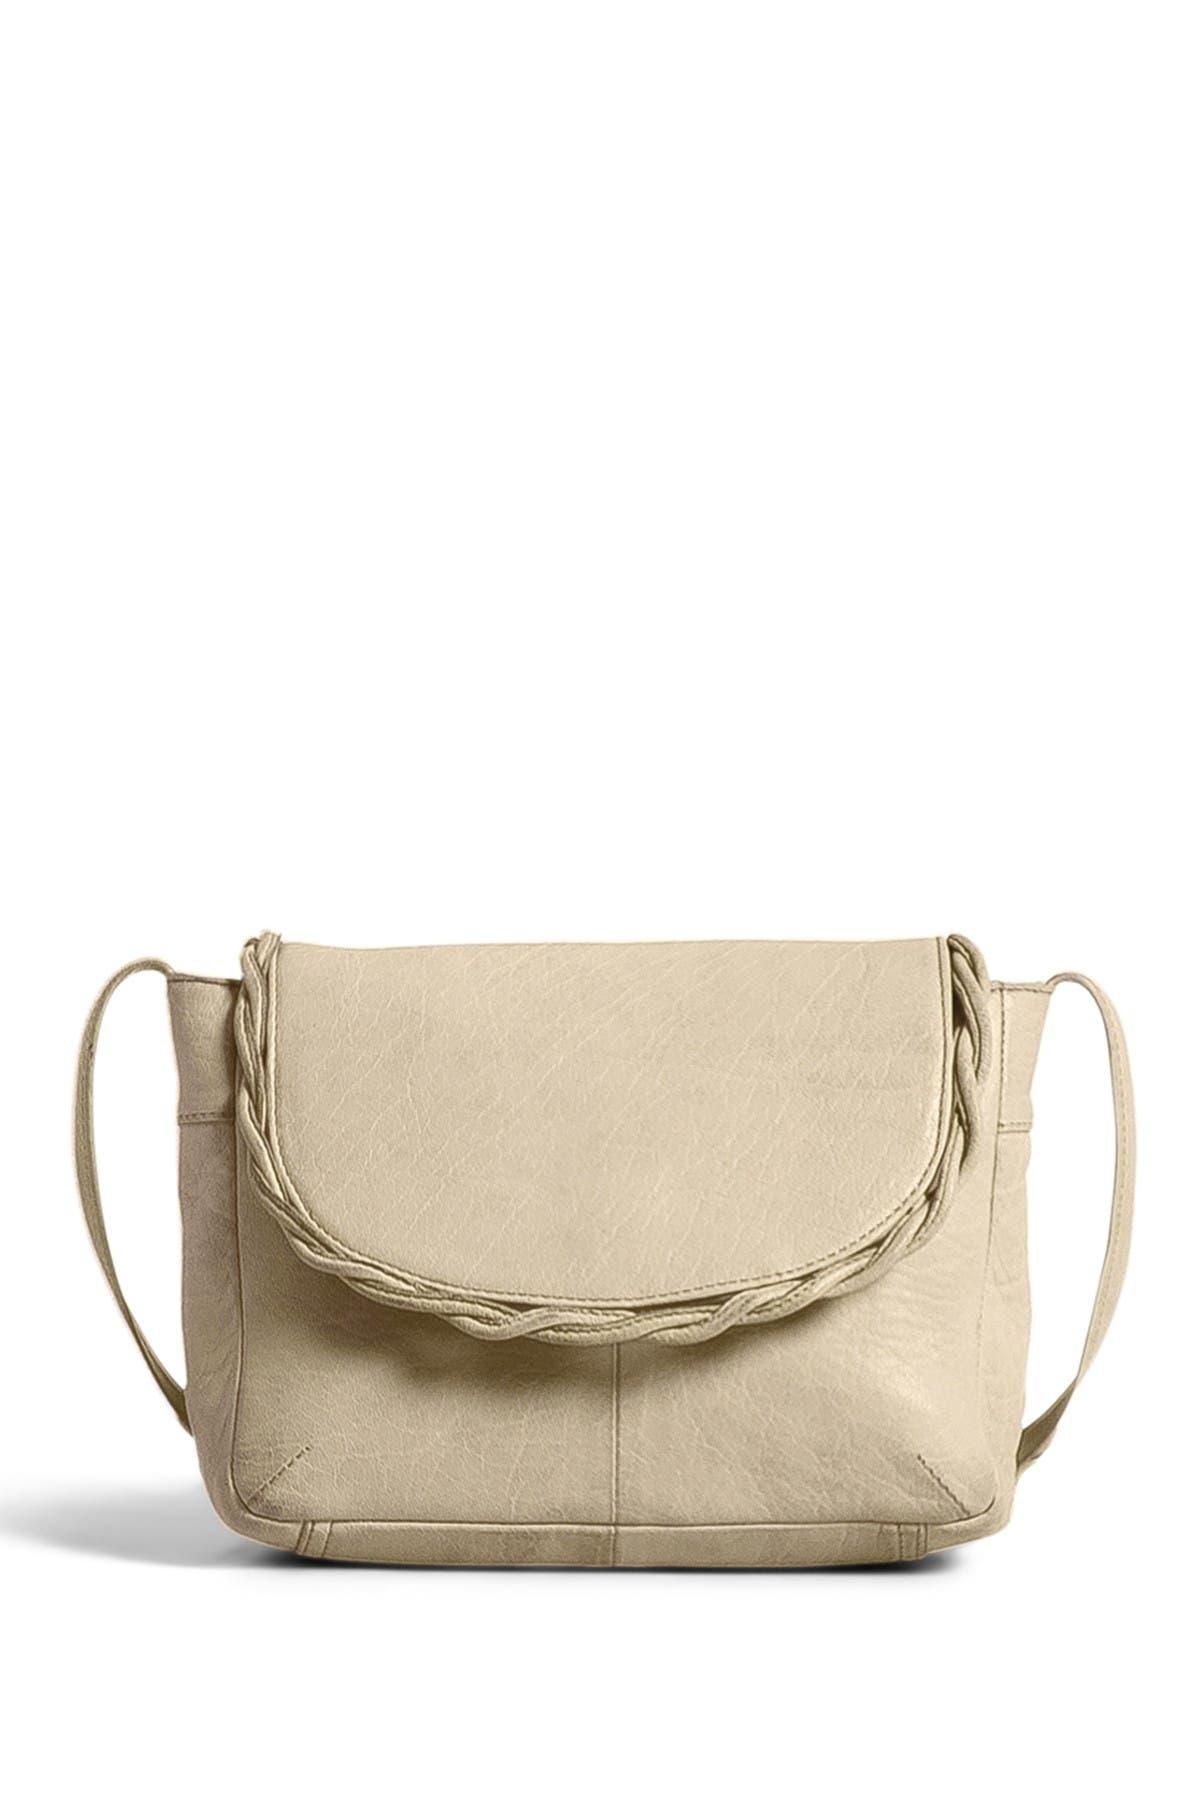 Day & Mood Fiona Shoulder Bag In Ivory